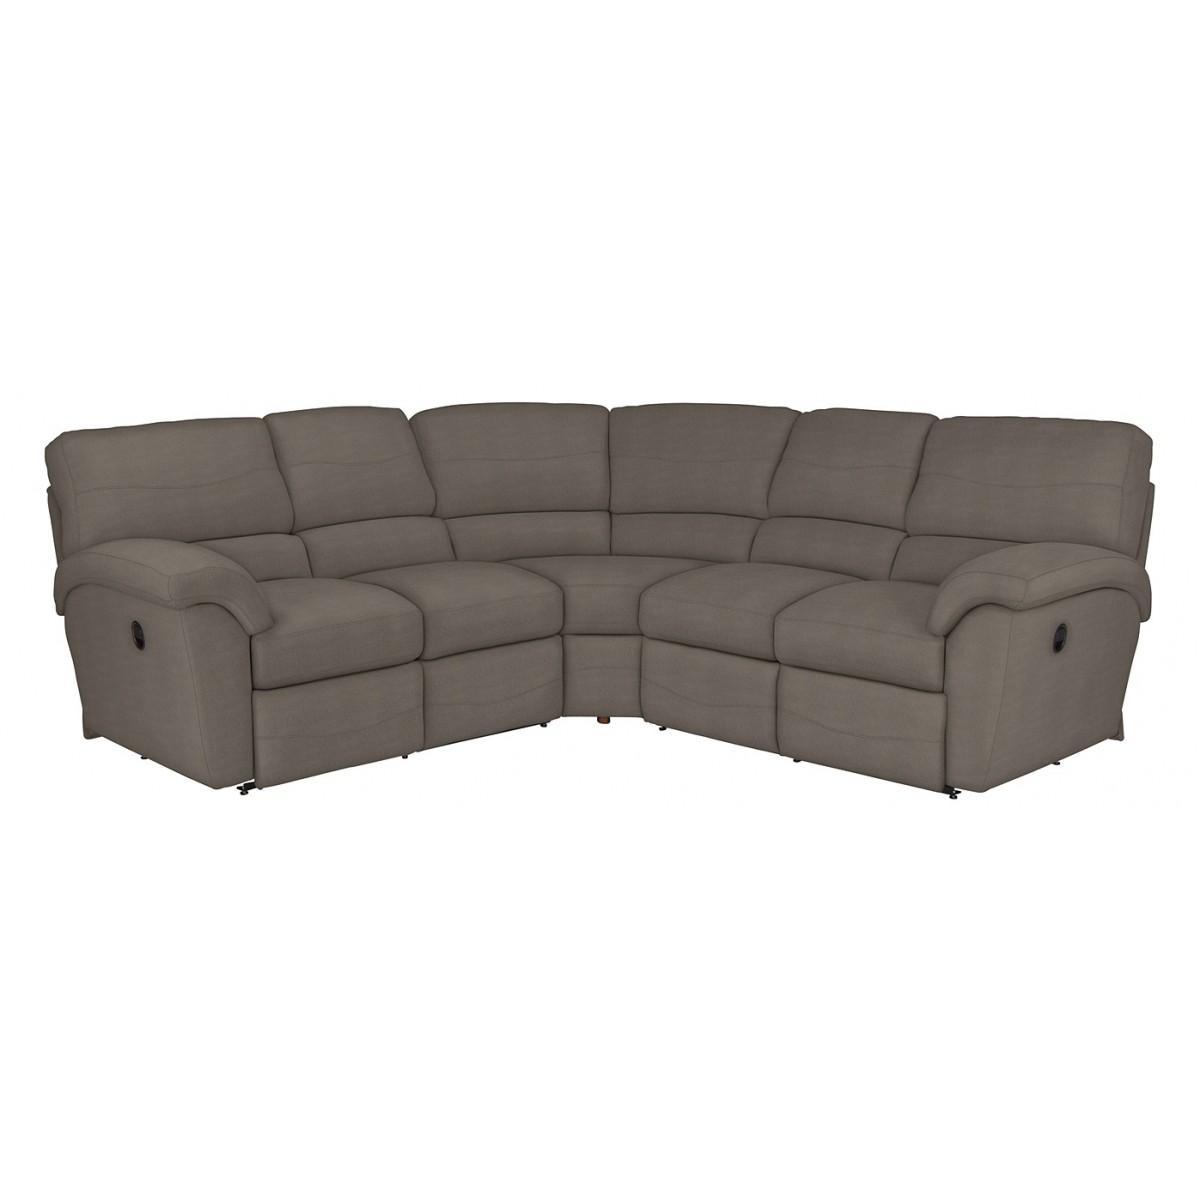 Lazyboy Sectional Inside Lazyboy Sectional Sofa (Image 14 of 20)